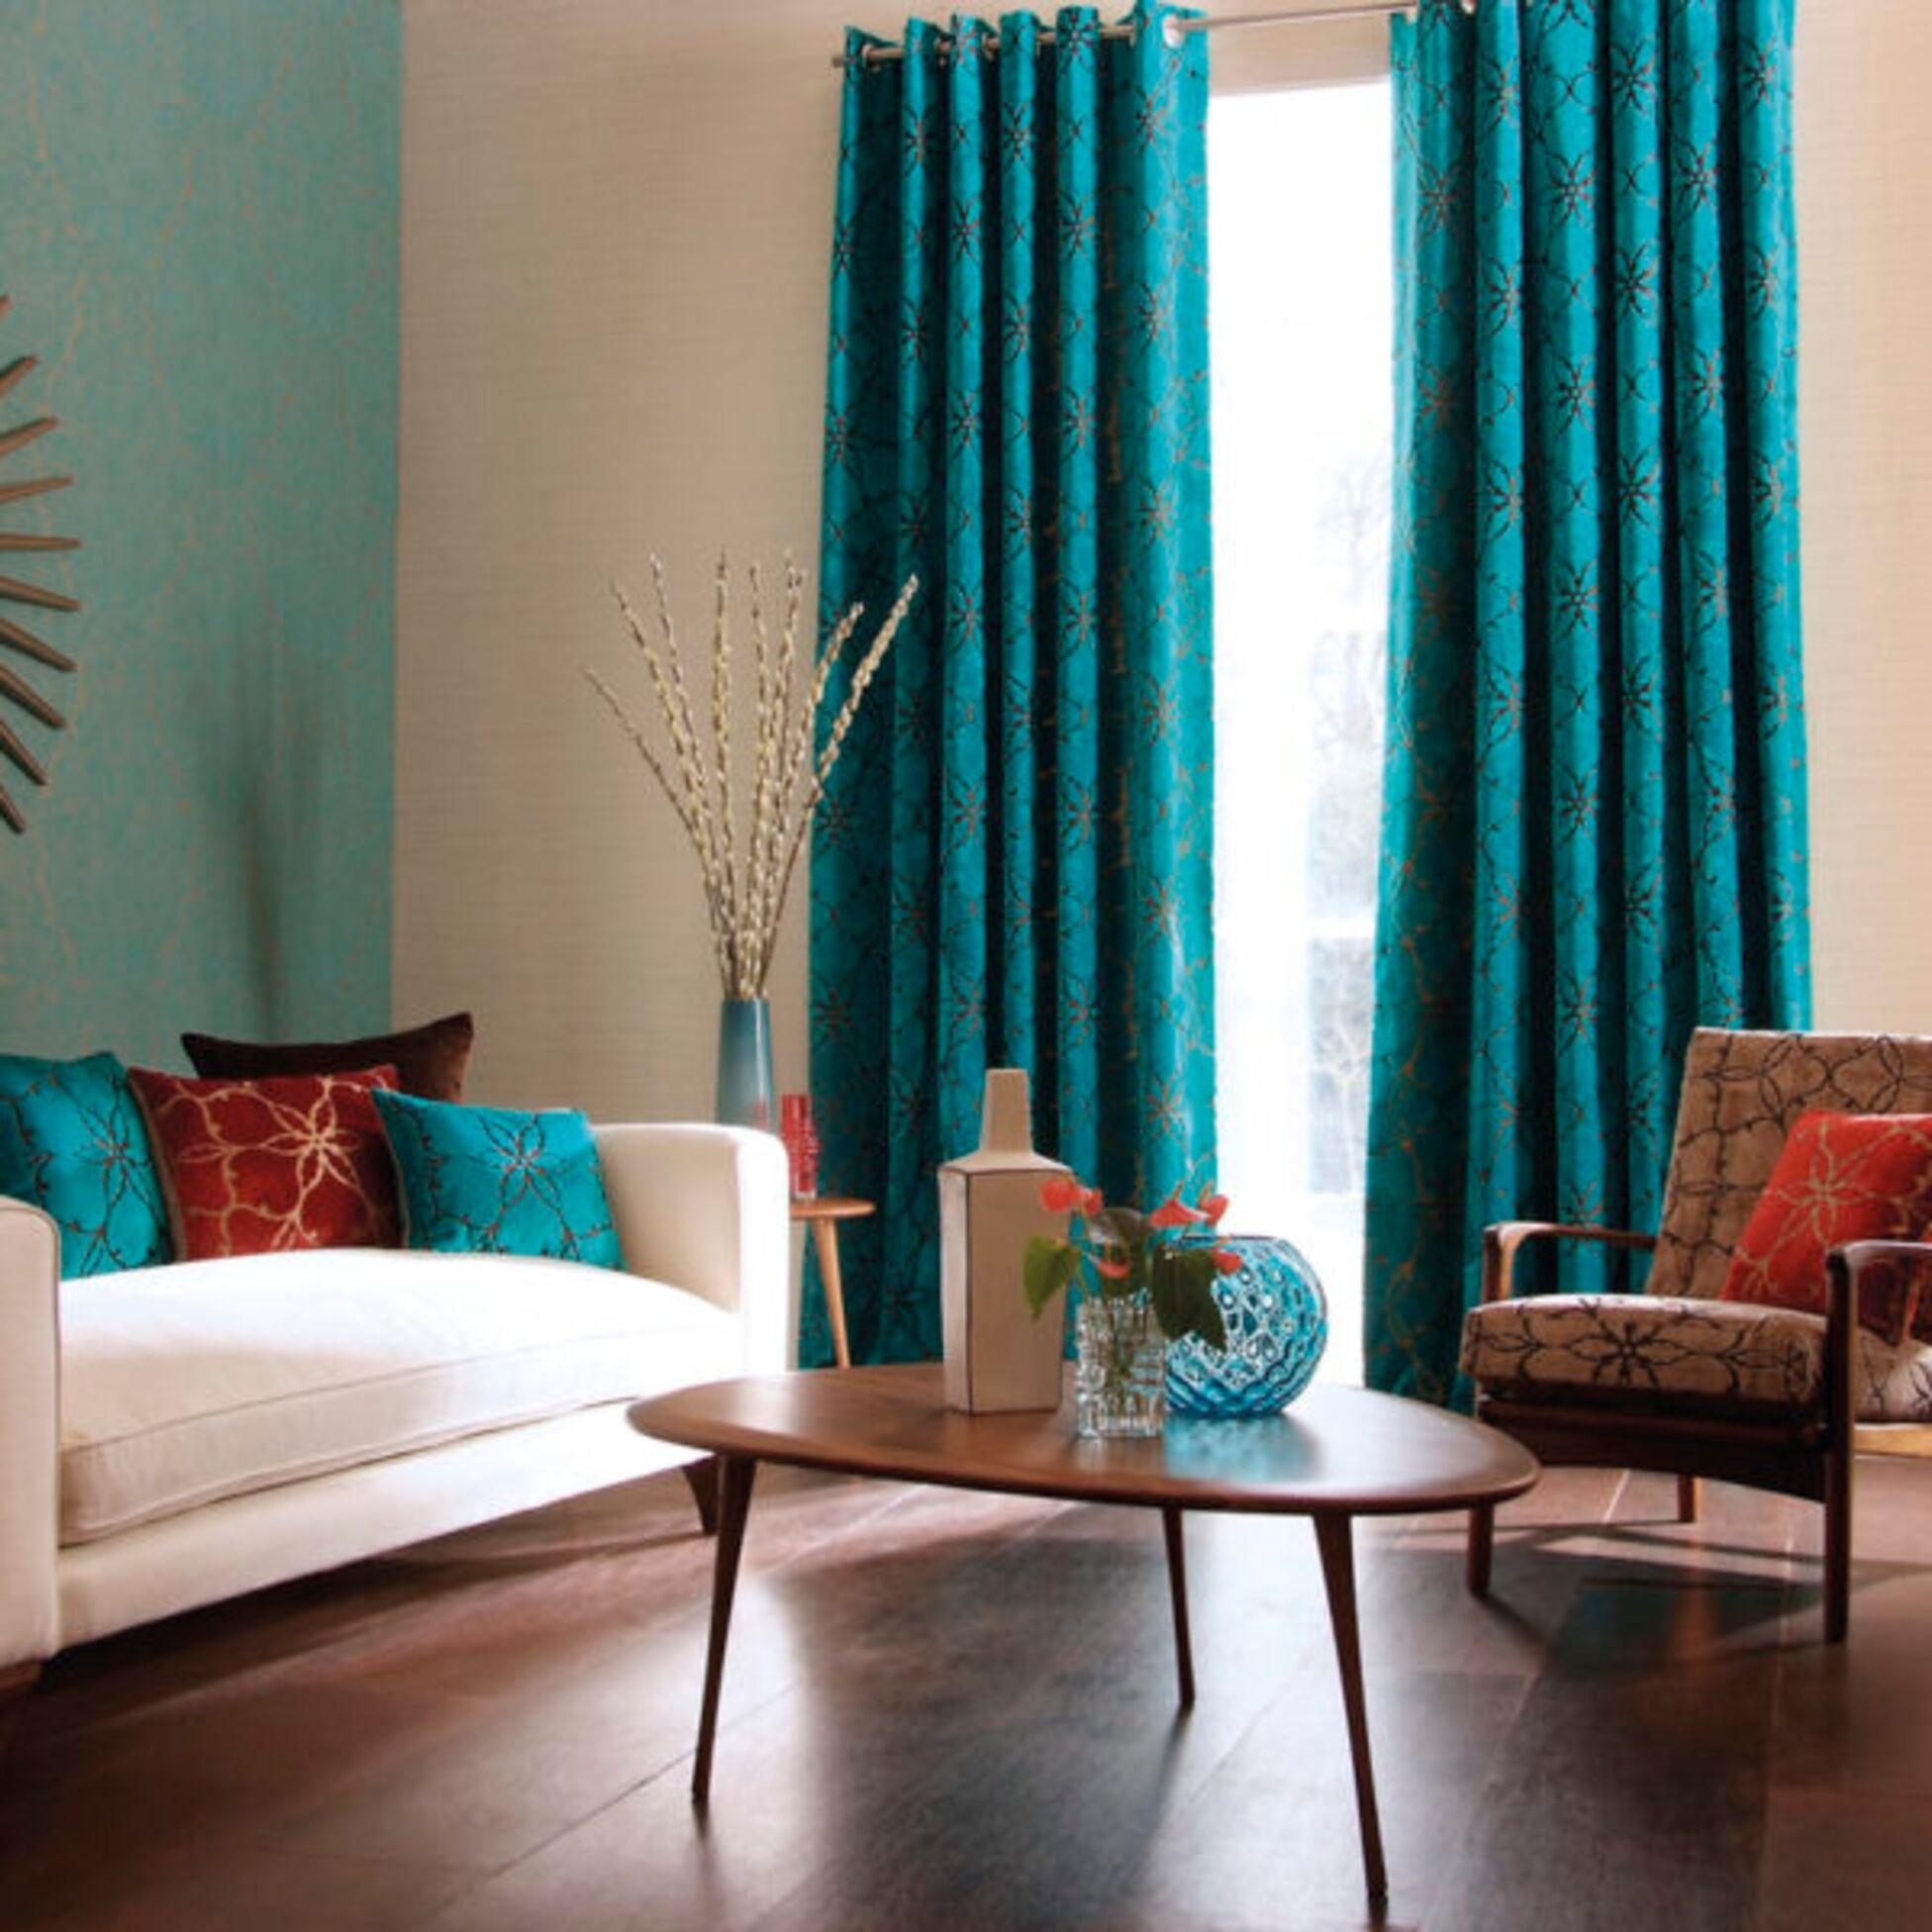 Blaue Gardinen in Wohnzimmer